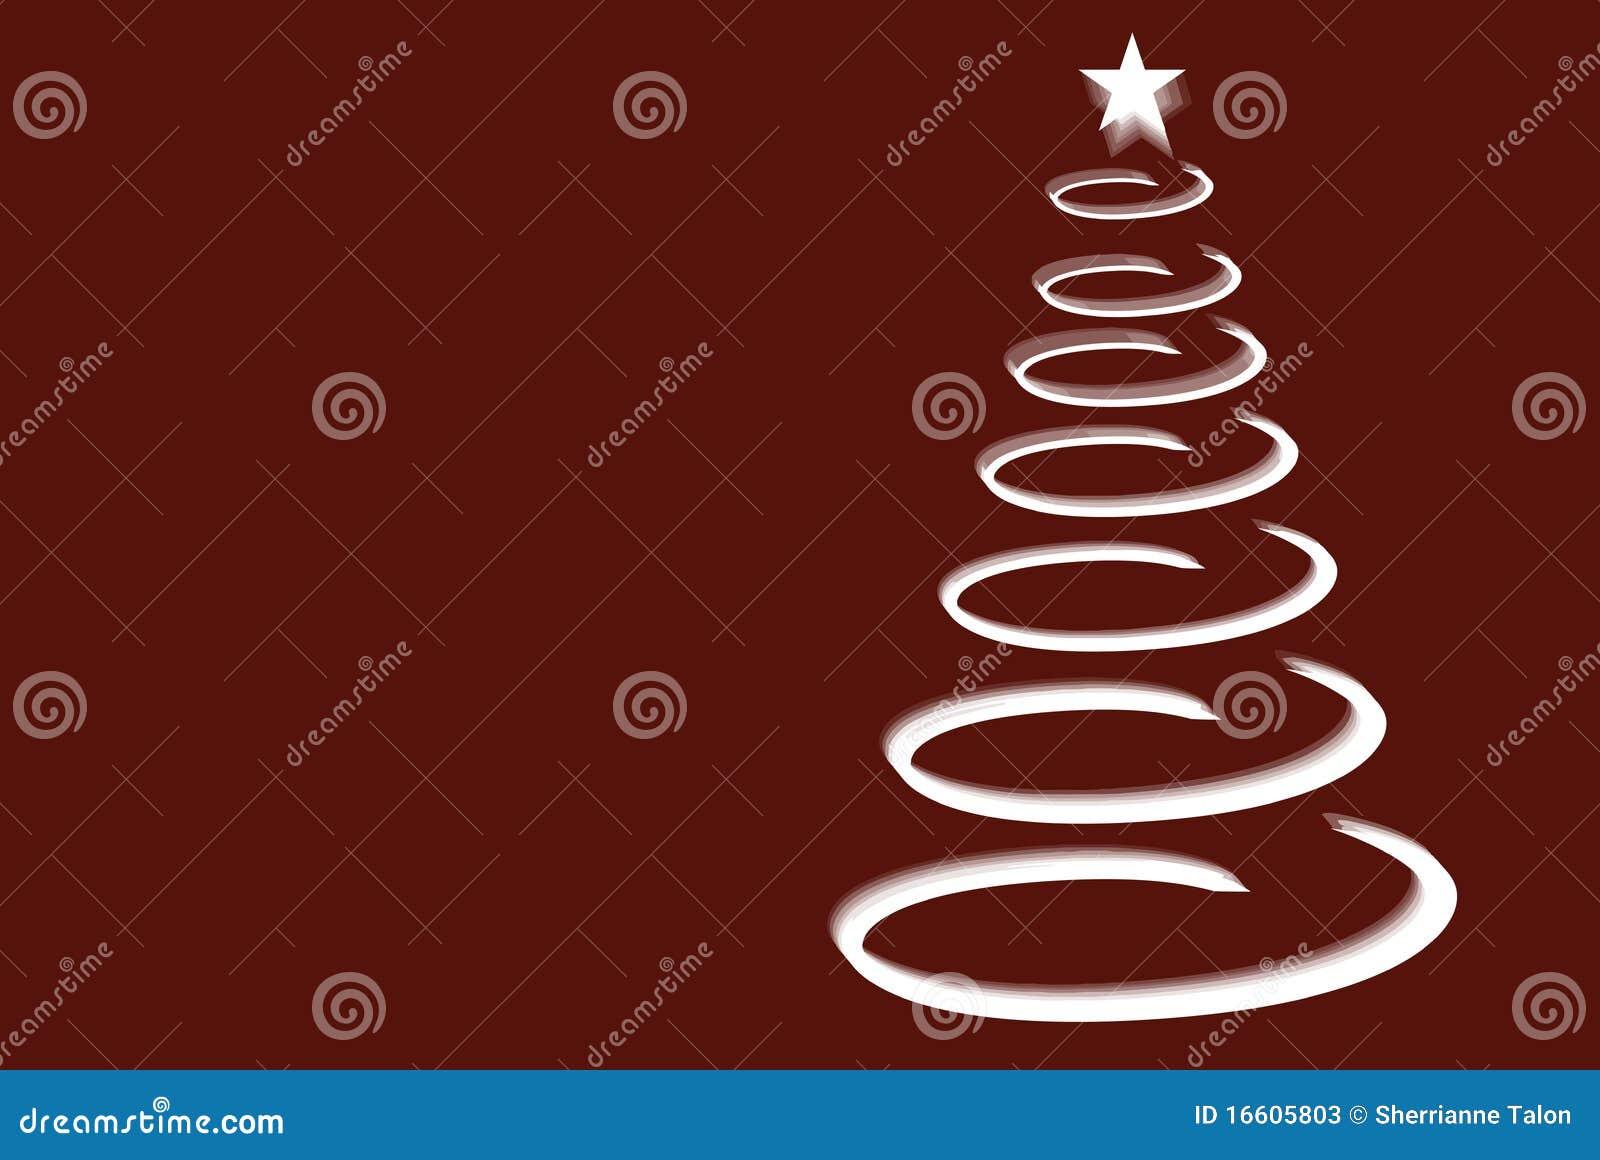 Spiral tree för jul